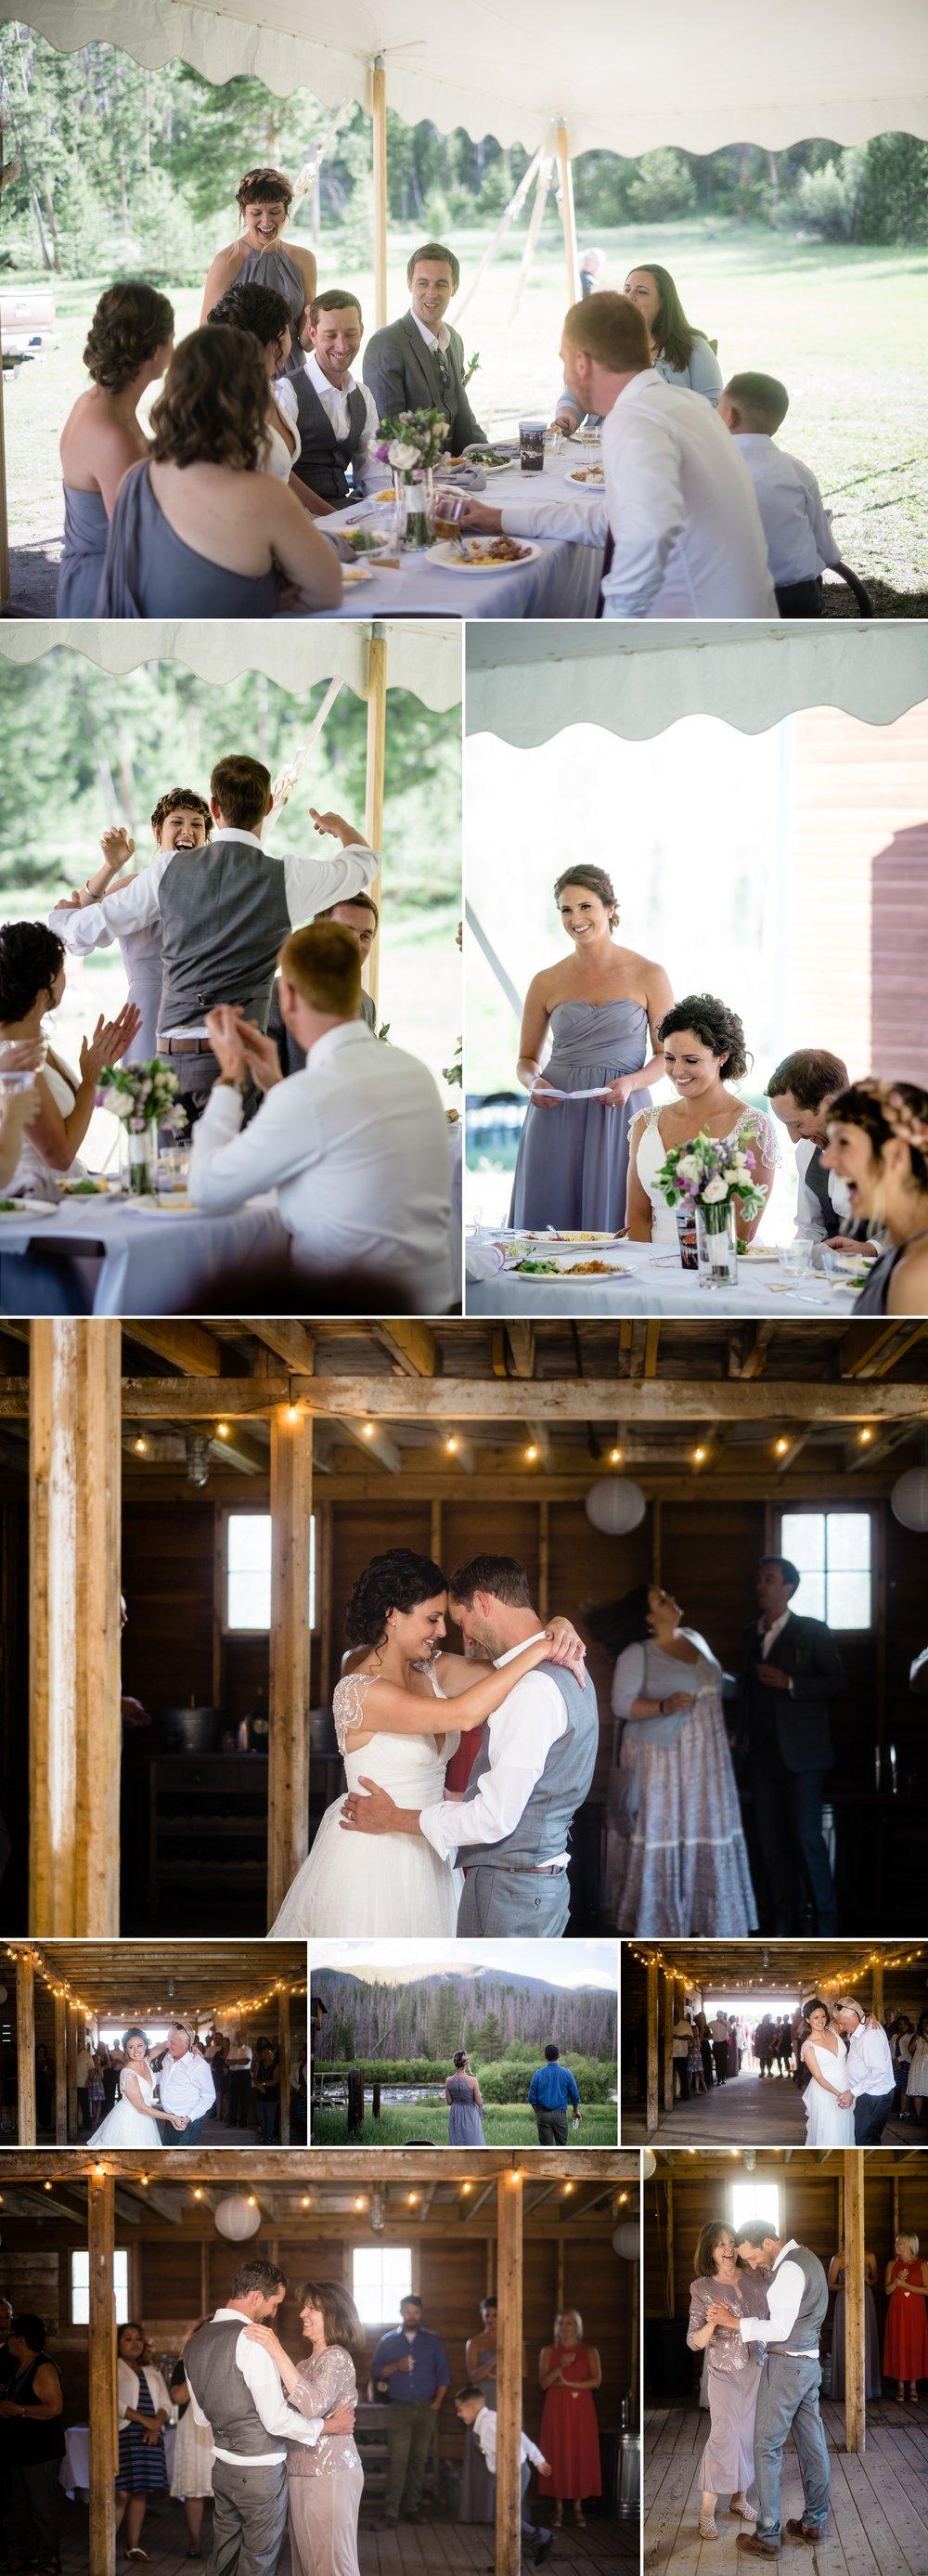 Intimate Grand Lake Wedding Reception at AA Barn